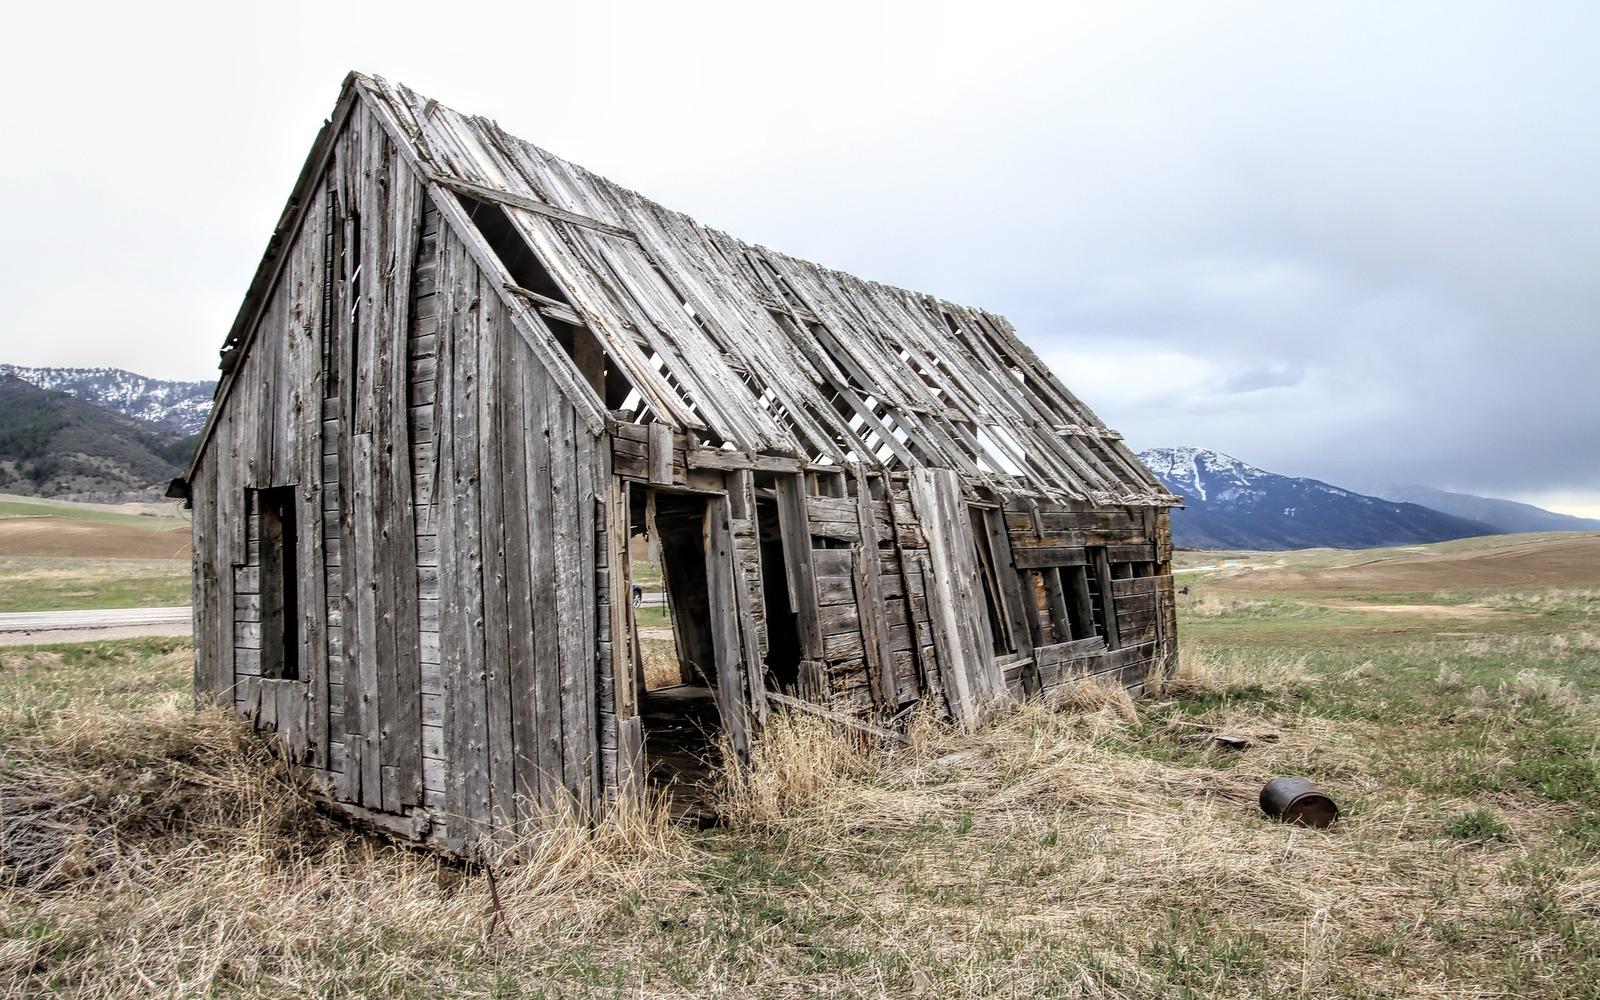 lo-sbaglio-più-grande-che-tutti-fanno-acquistando-una-casa-prefabbricata-in-legno-(-e-che-tu-puoi-evitare)-[parte-4]